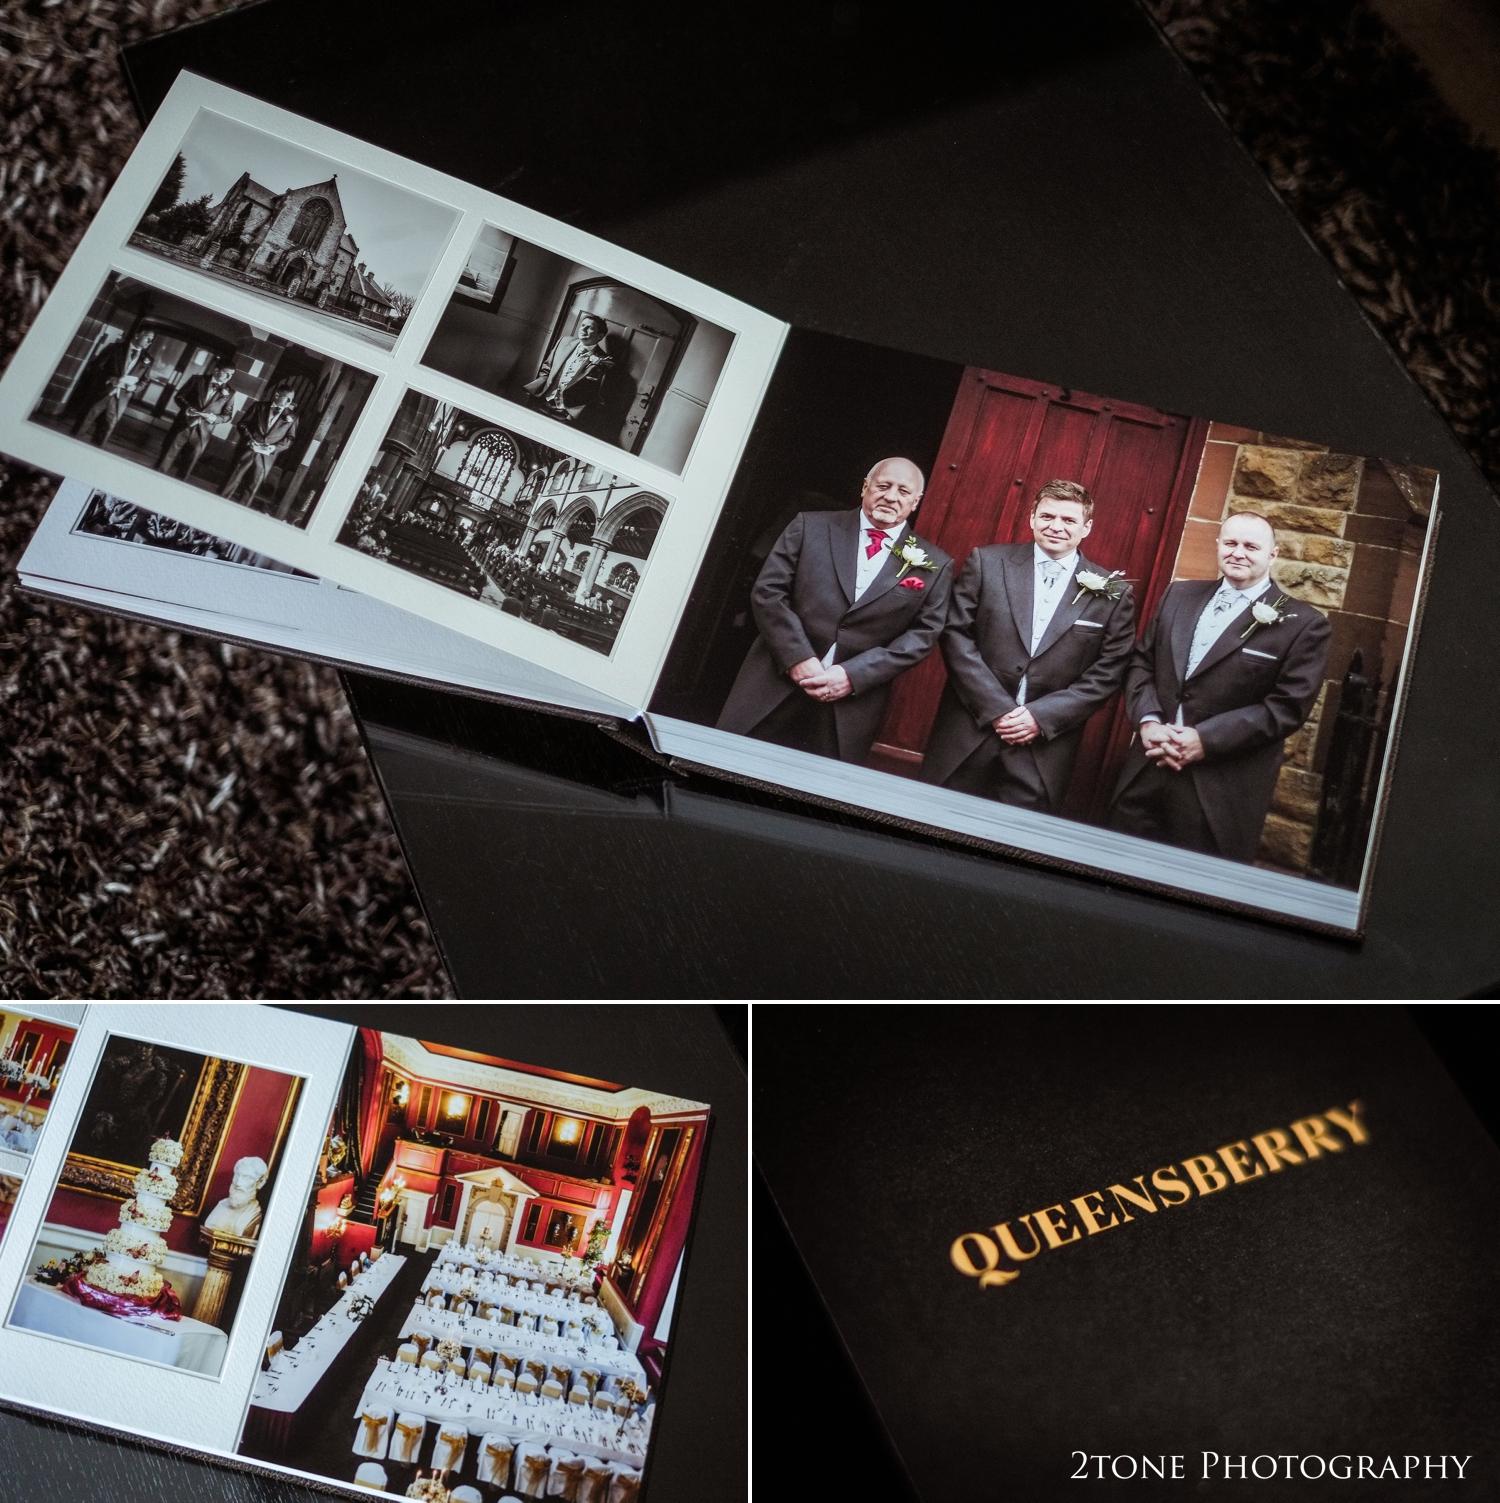 Queensberry wedding album duo